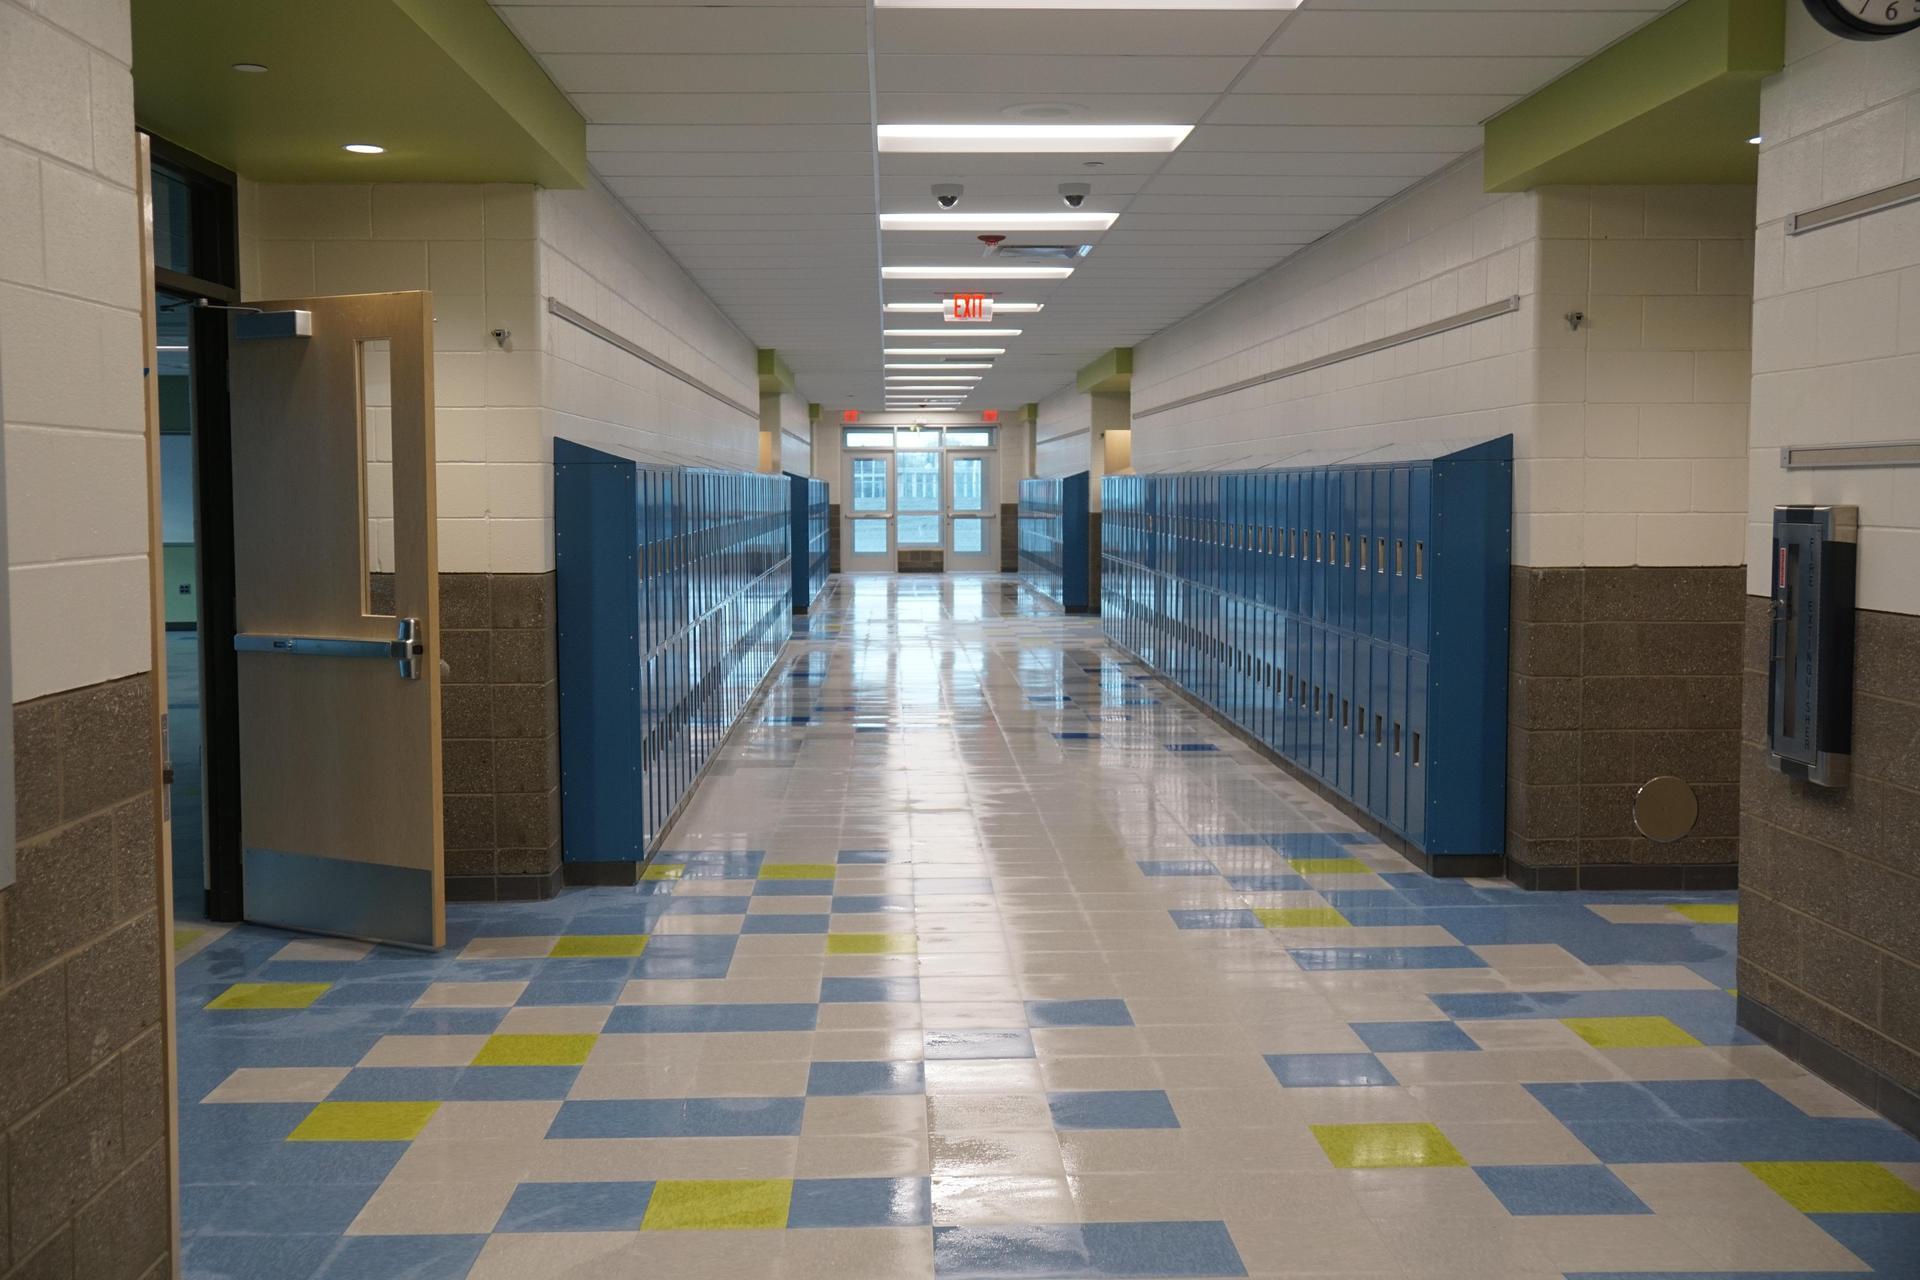 hall grades 3-5